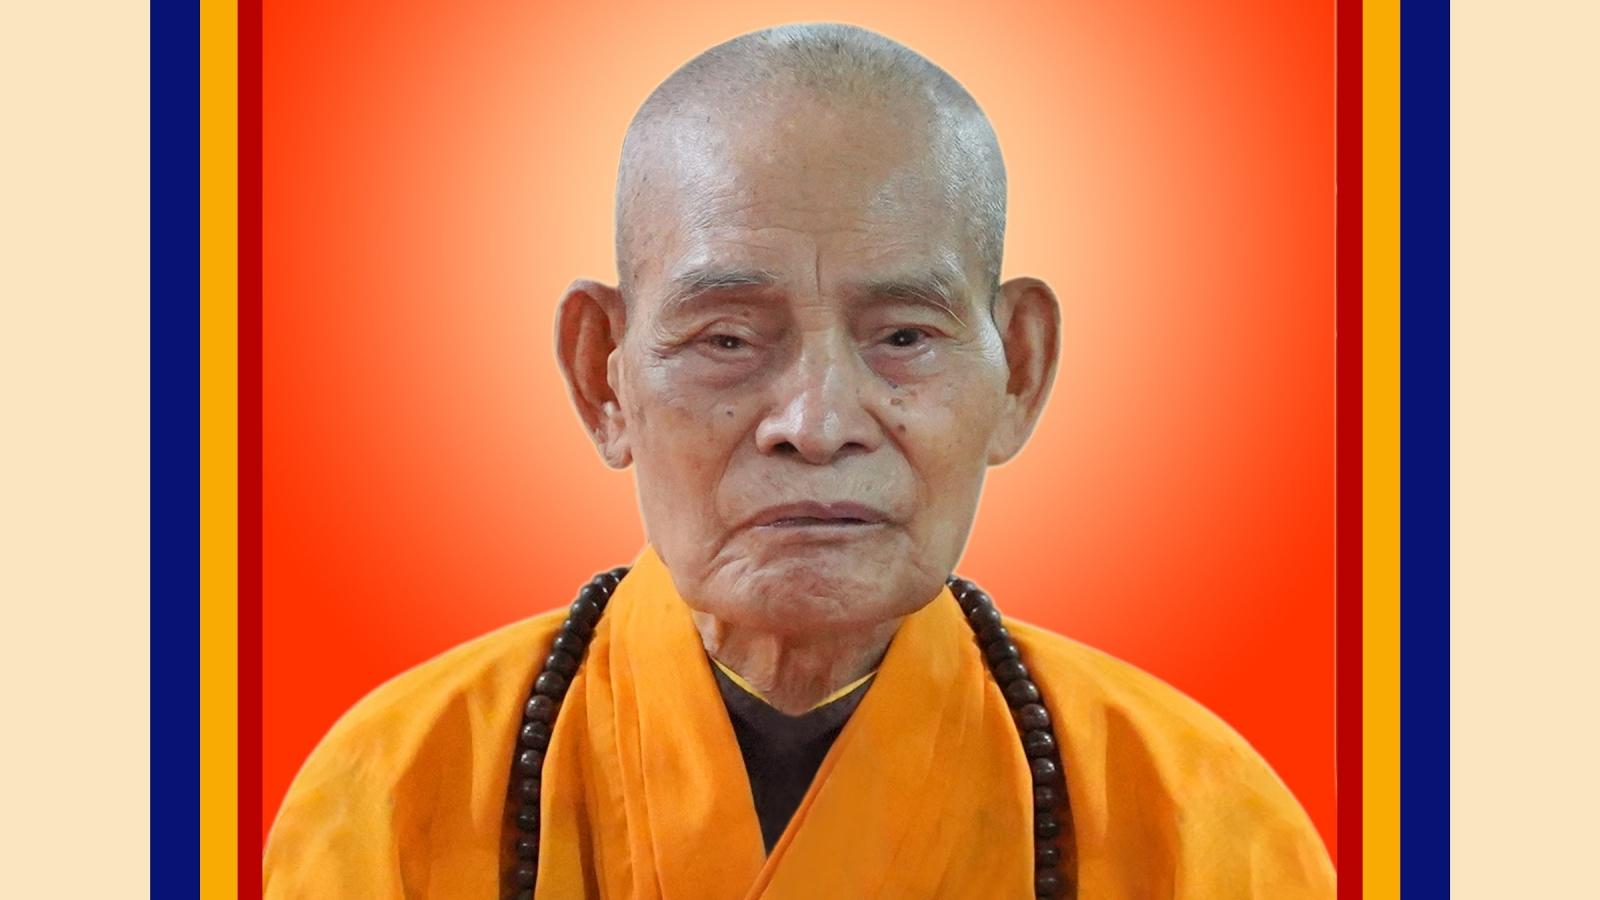 Đức Pháp chủ Giáo hội Phật giáo Việt Nam Thích Phổ Tuệ - bậc chân tu đạo hạnh